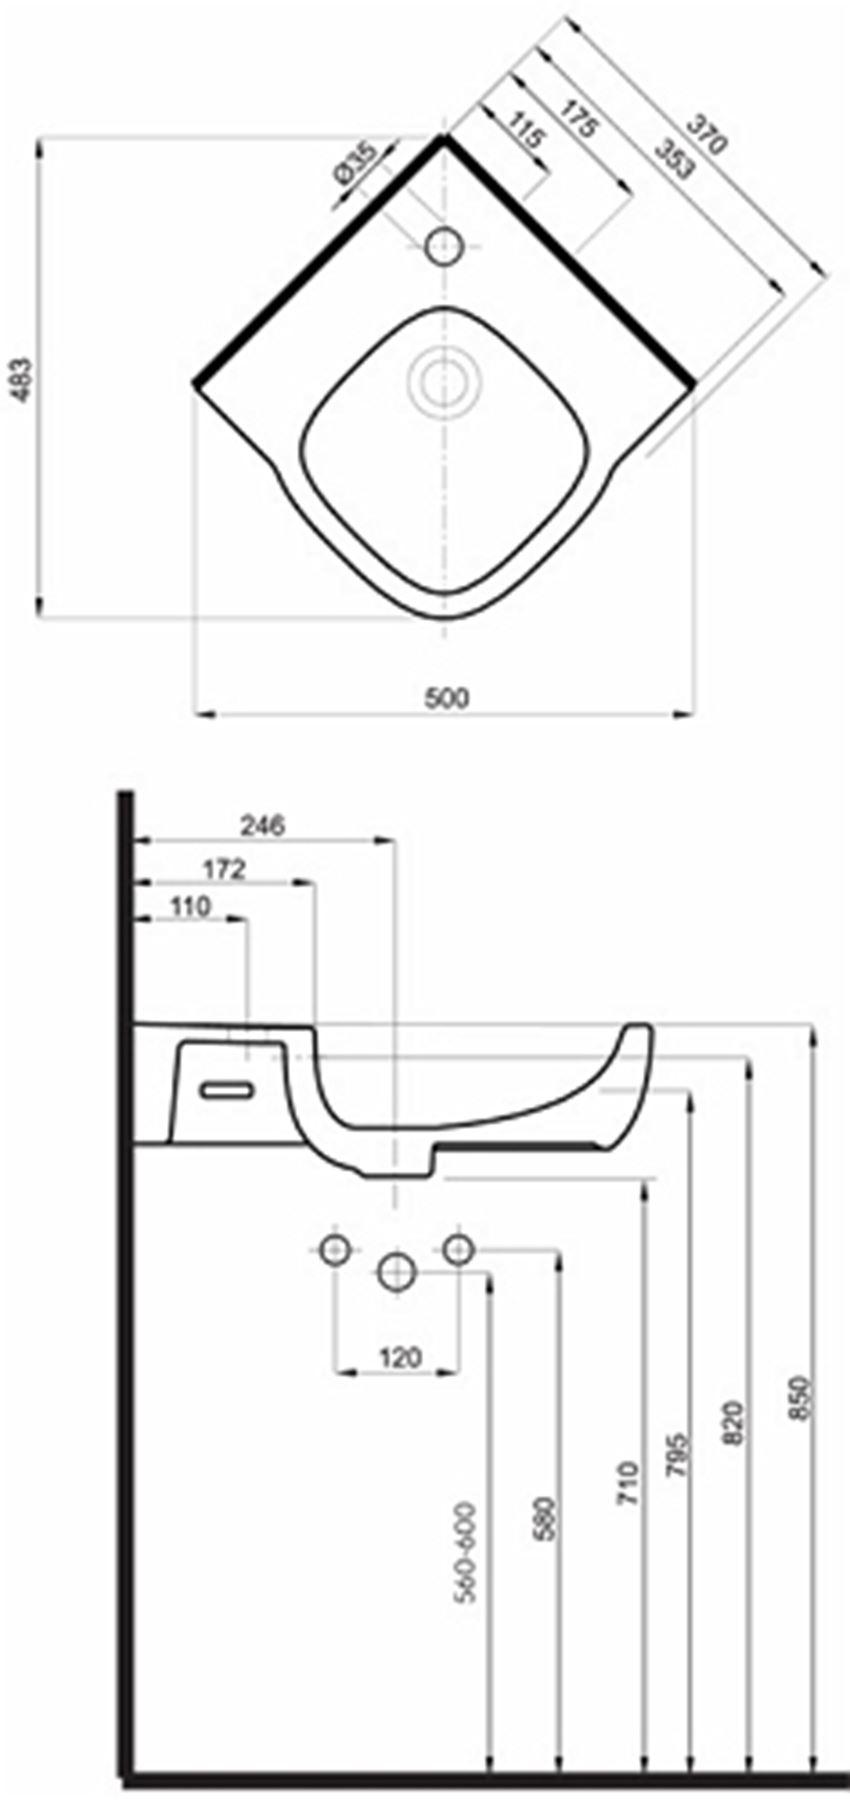 Umywalka narożna 50 cm Koło Style rysunek techniczny